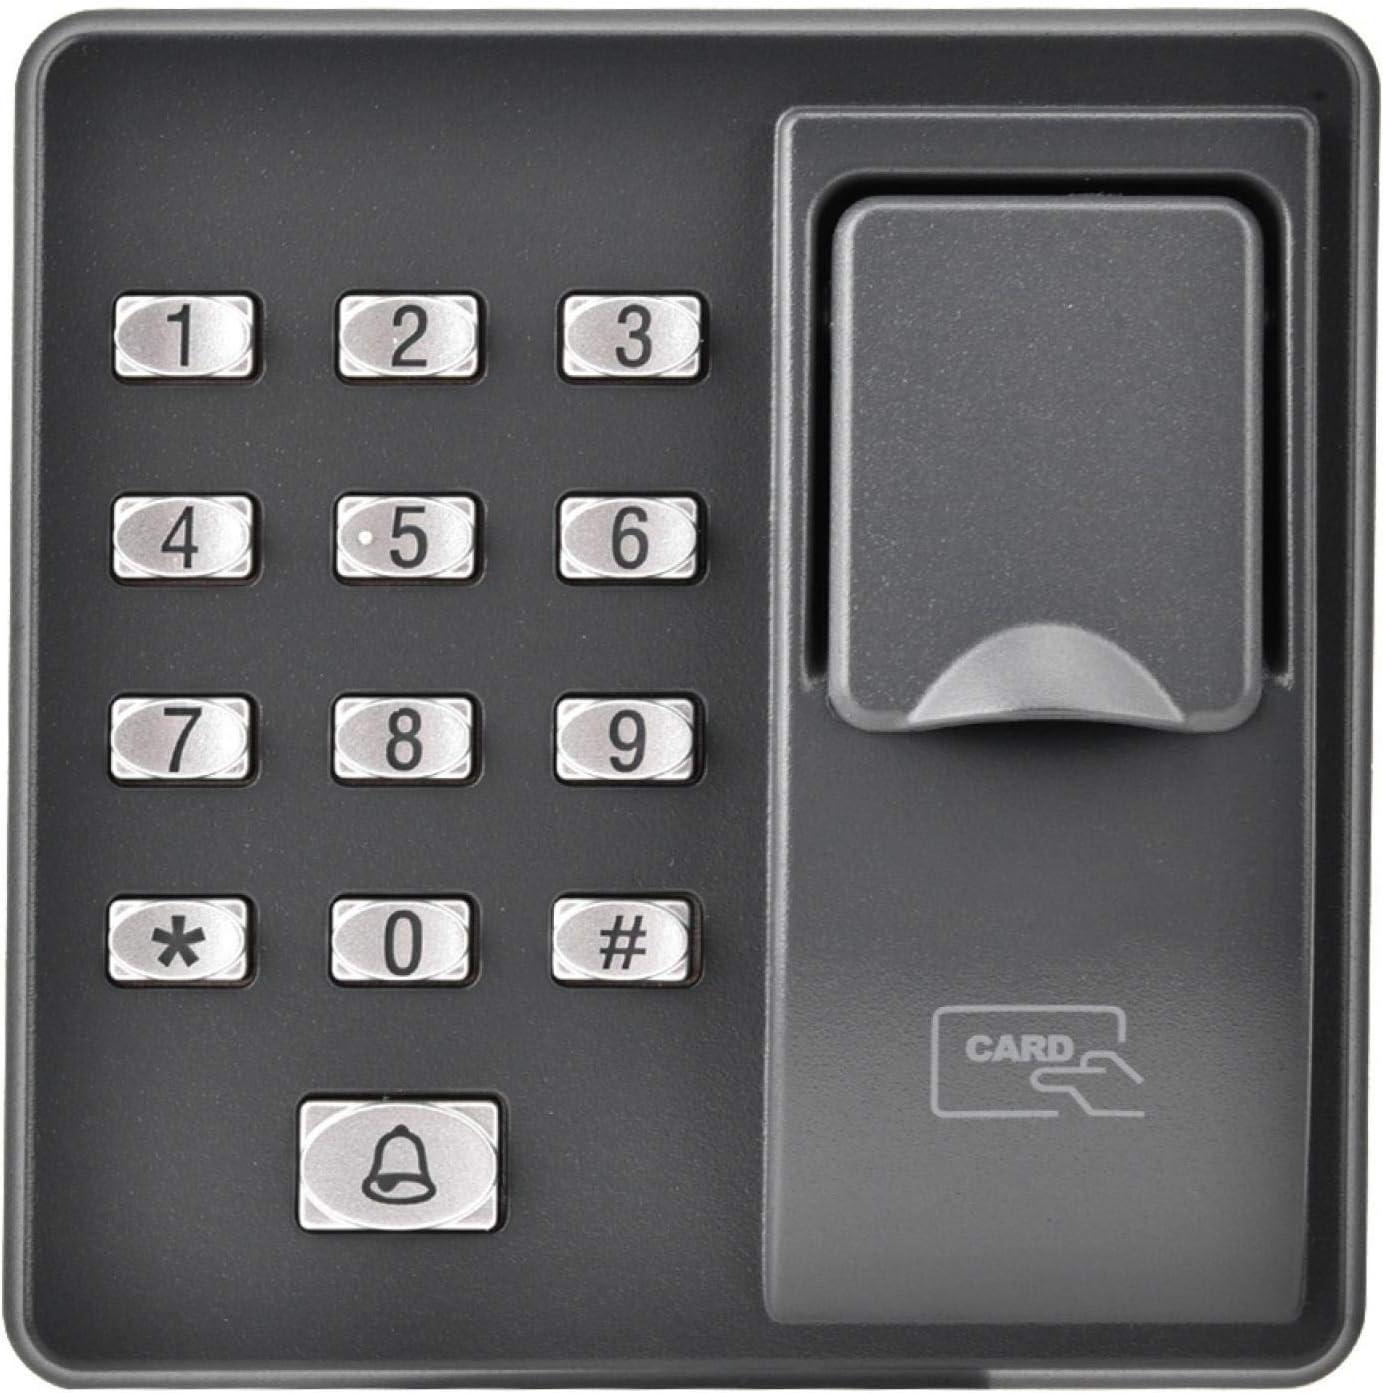 Access Card Reader, Card Reader, Fingerprint Reader Smart Card Reader Parking Lot for Access Control Attendance Identification Membership Management(IC)